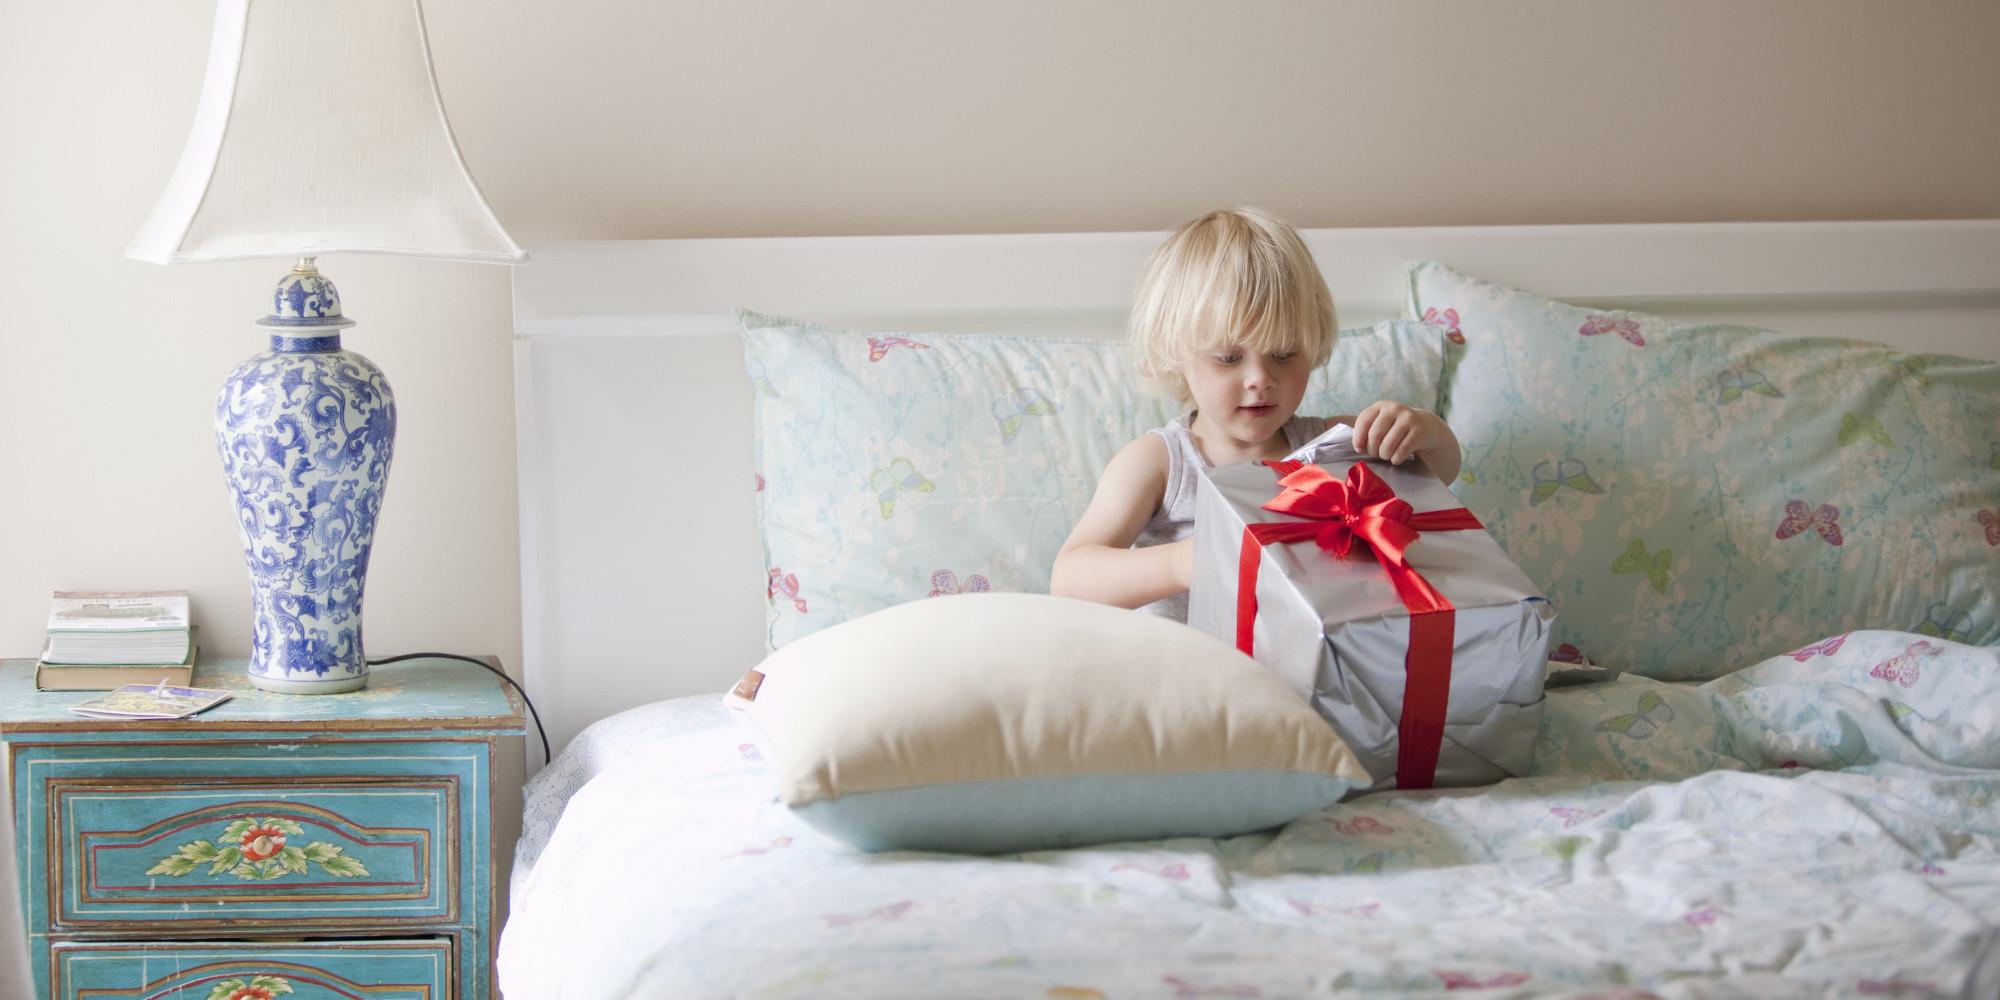 Как спрятать подарки для детей